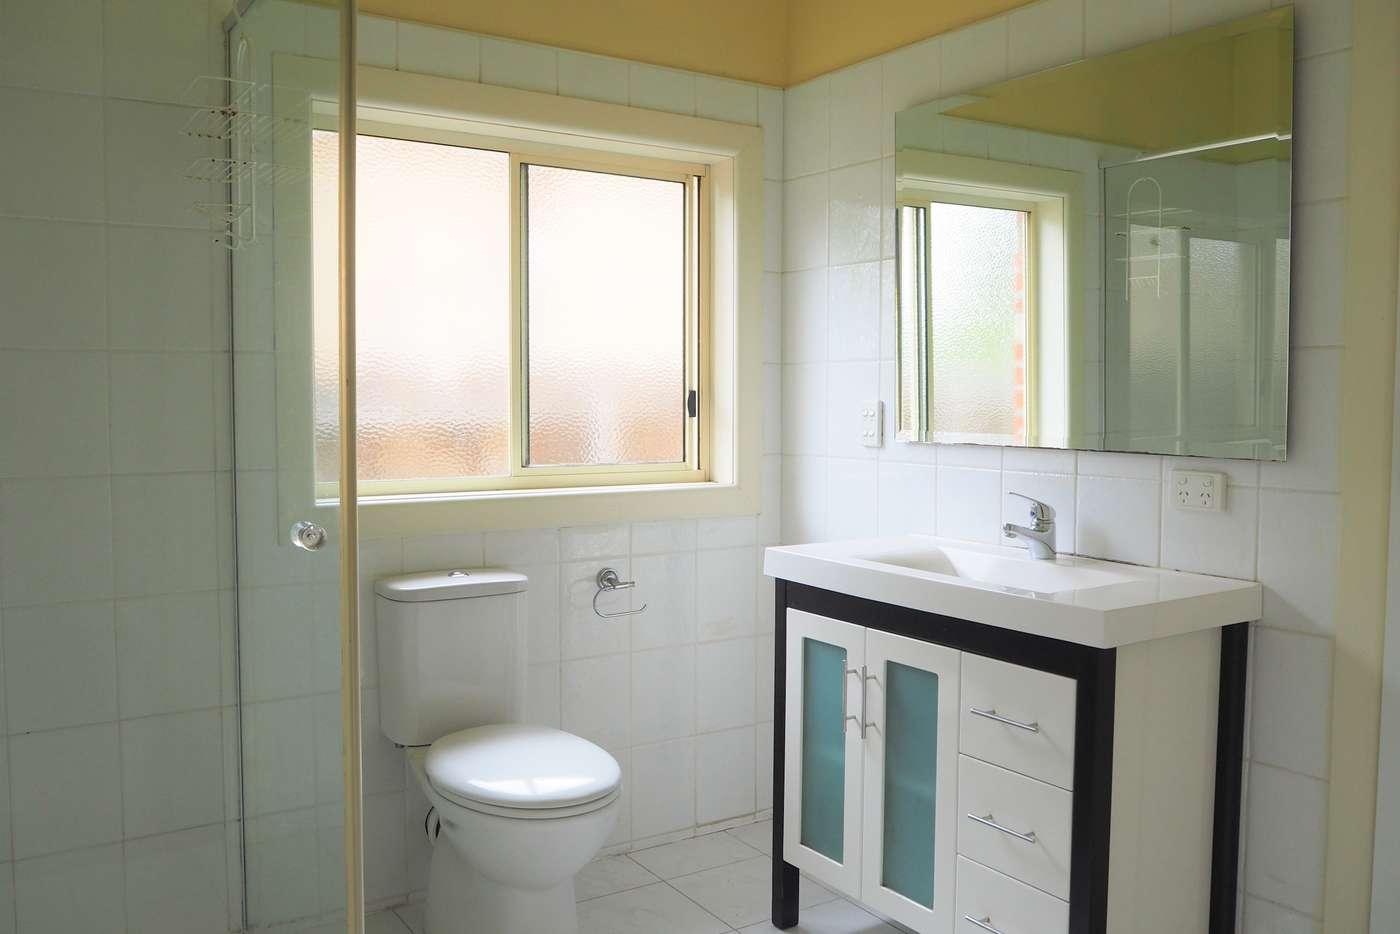 Seventh view of Homely house listing, 1/14 Breffna Street, Preston VIC 3072